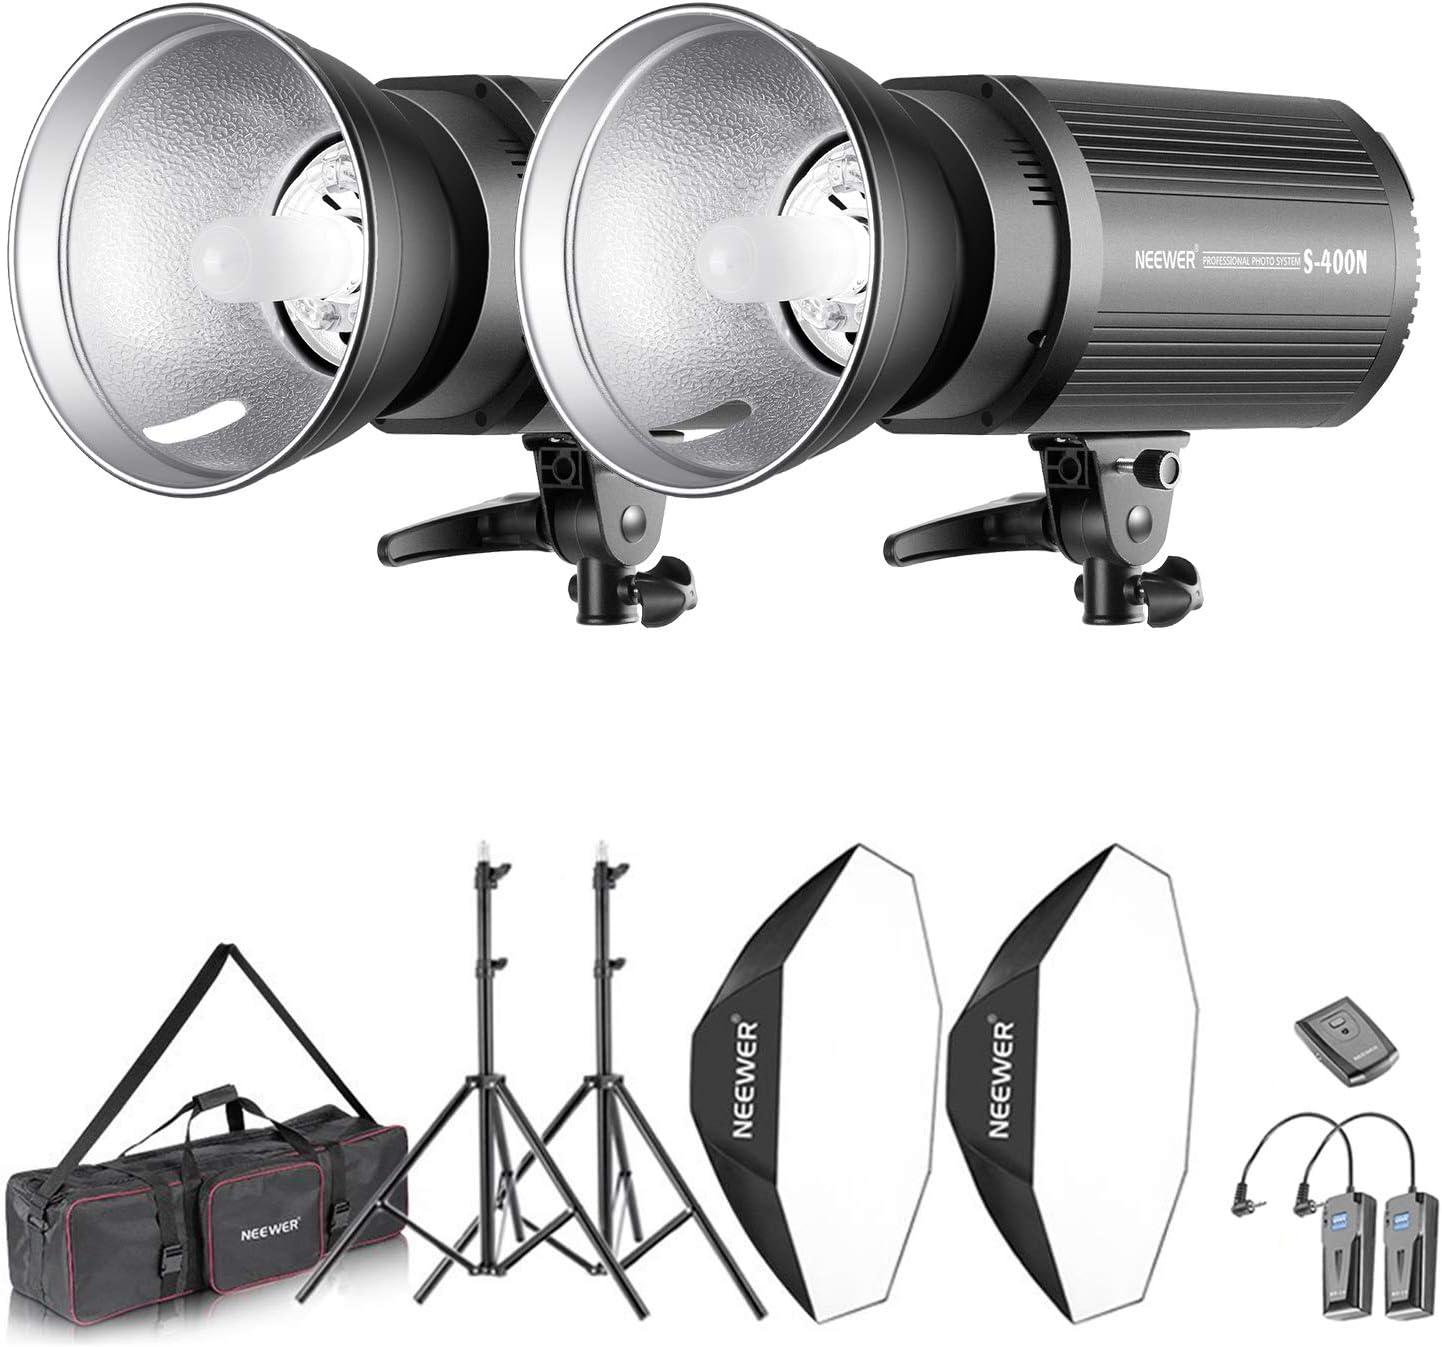 Neewer Flash Estereoscópico Softbox 800W Kit:(2)400W Monoluz (2)Reflector (2)Soporte de Luz (2)Softbox (2)Lámpara de Modelado (1)RT-16 Disparador Inalámbrico (1)Bolsa